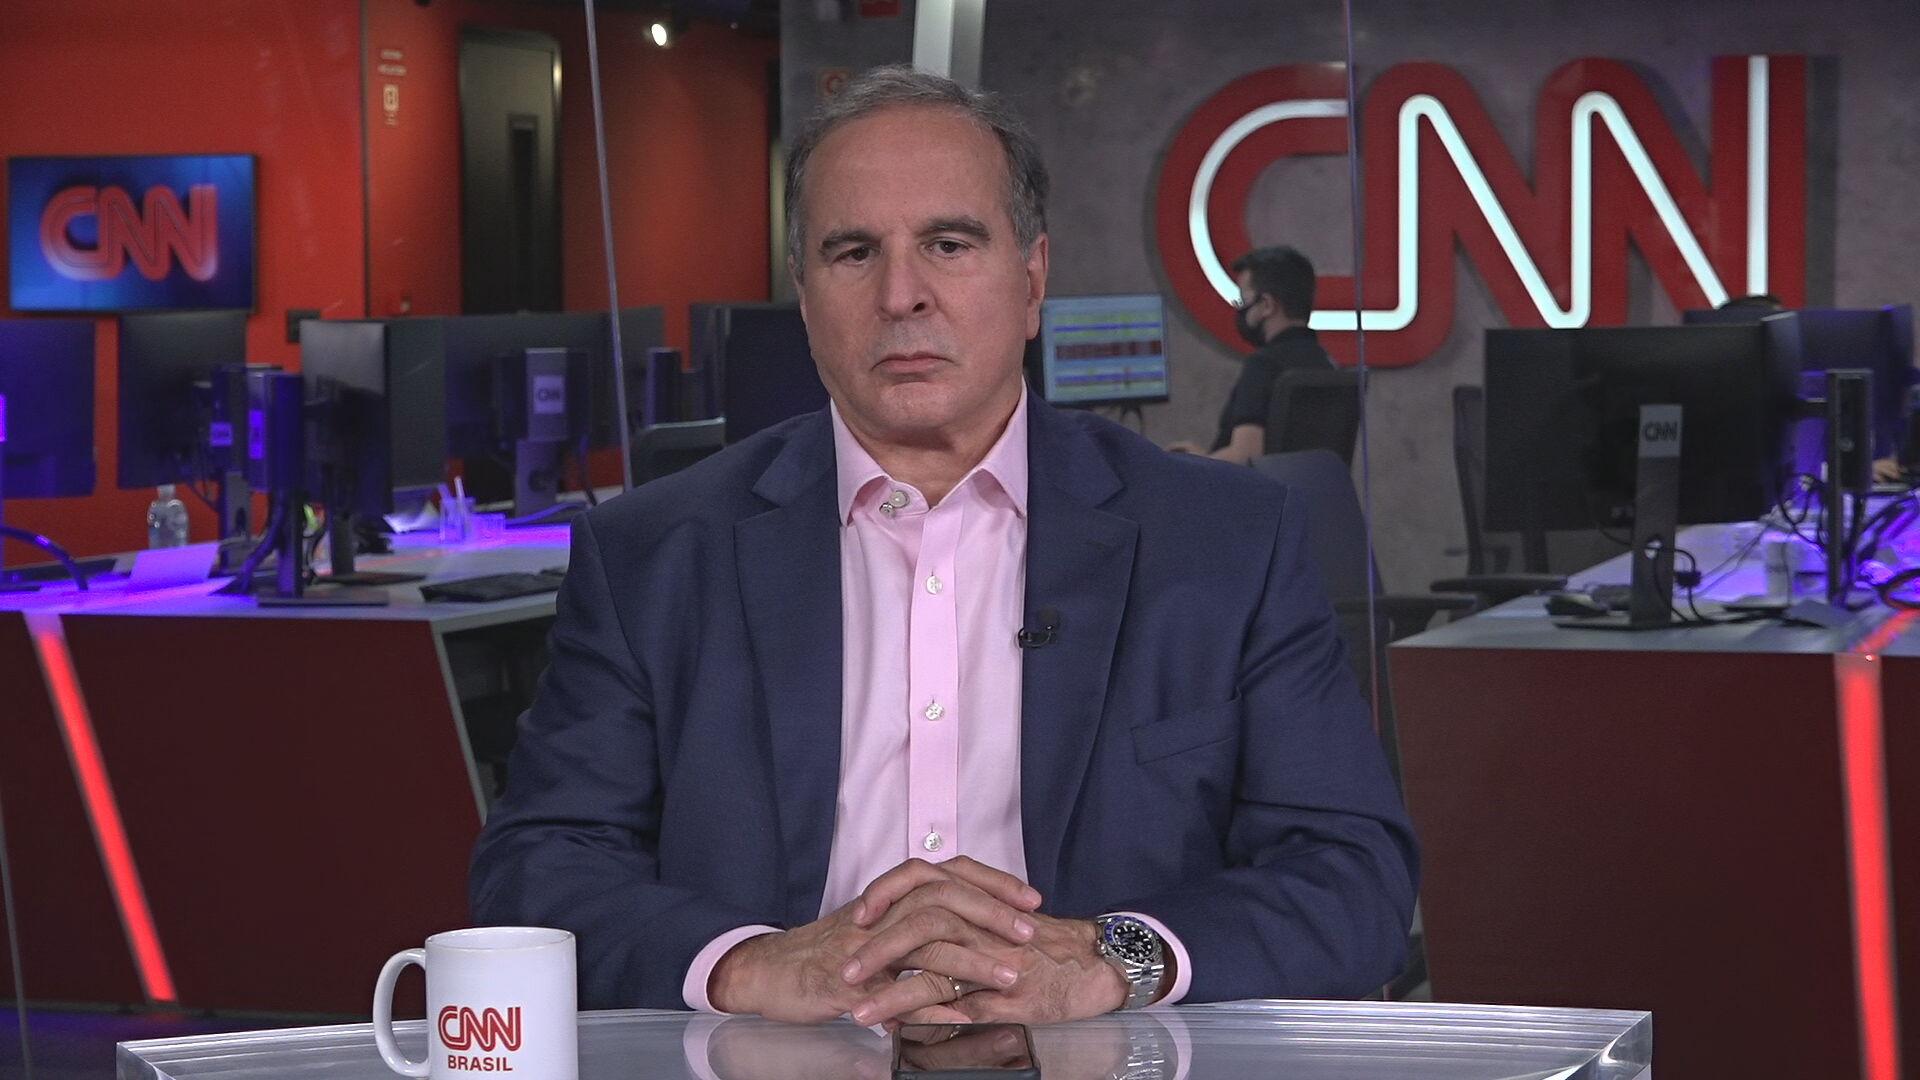 Cientista político Murilo de Aragão fala sobre o atual cenário político